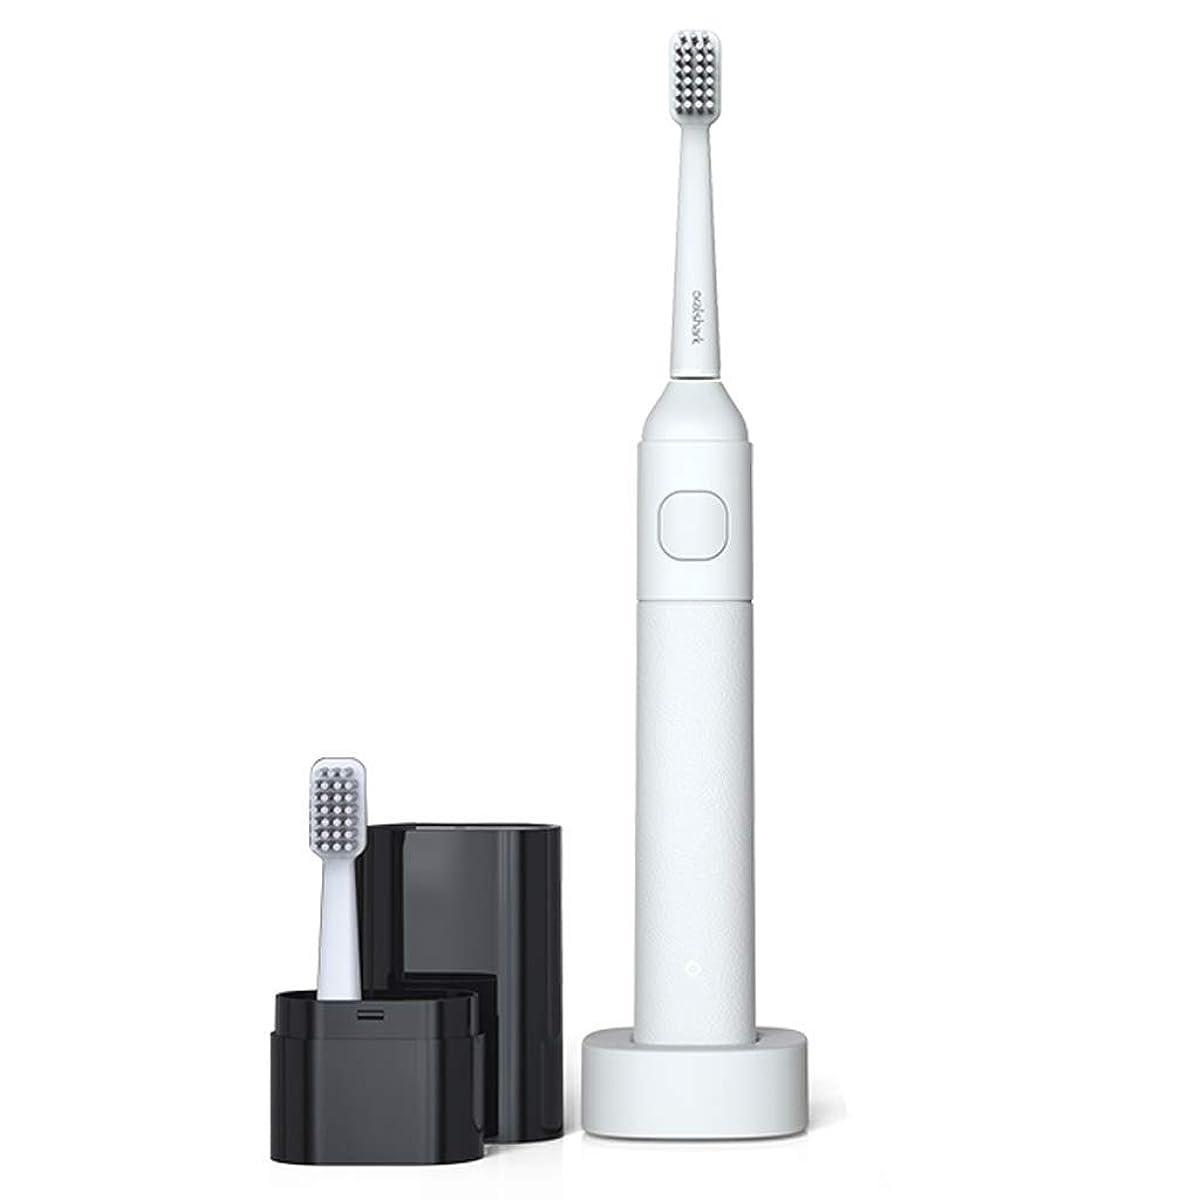 事前移住する不完全電動歯ブラシソニック電動歯ブラシ大人の柔らかい髪の充電式ホームカップル歯ブラシ